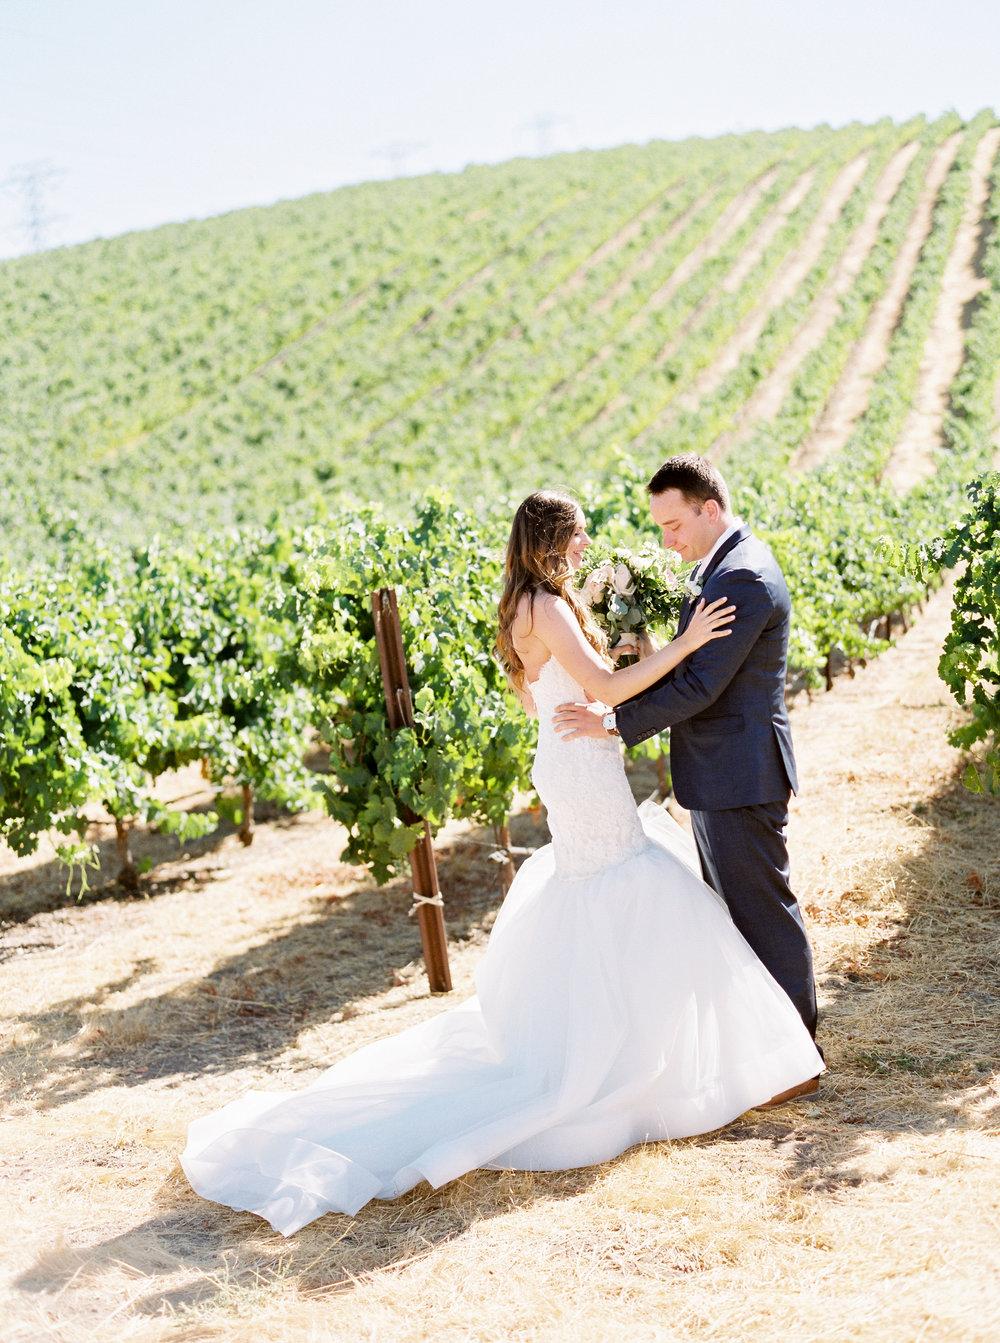 muriettas-well-wedding-in-livermore-california-156.jpg